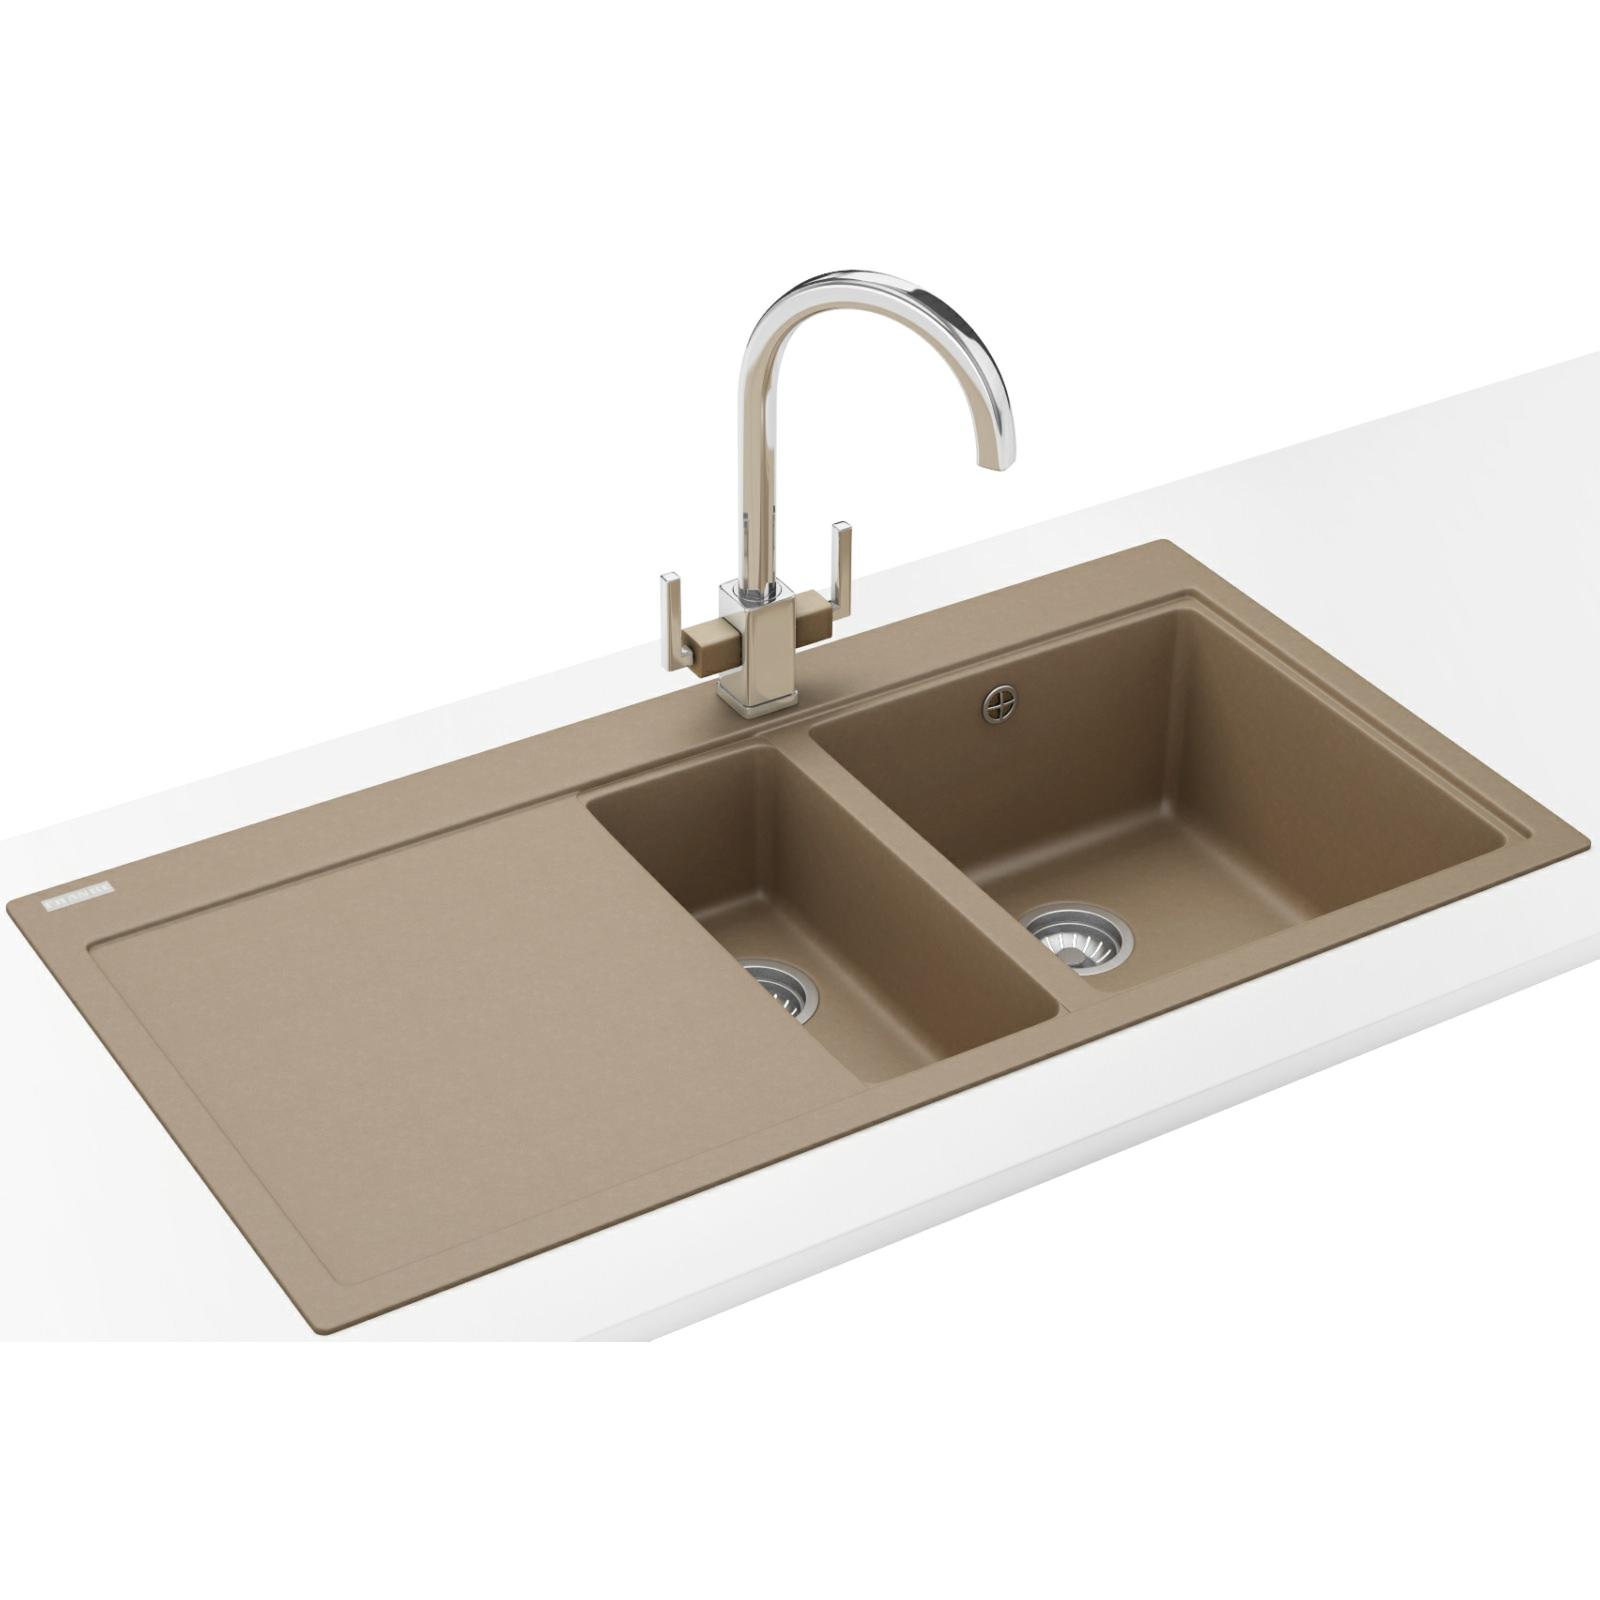 Franke Square Inset Sink : Franke Mythos MTG 651-100 Fragranite Oyster 1.5 Bowl LHD Inset Sink